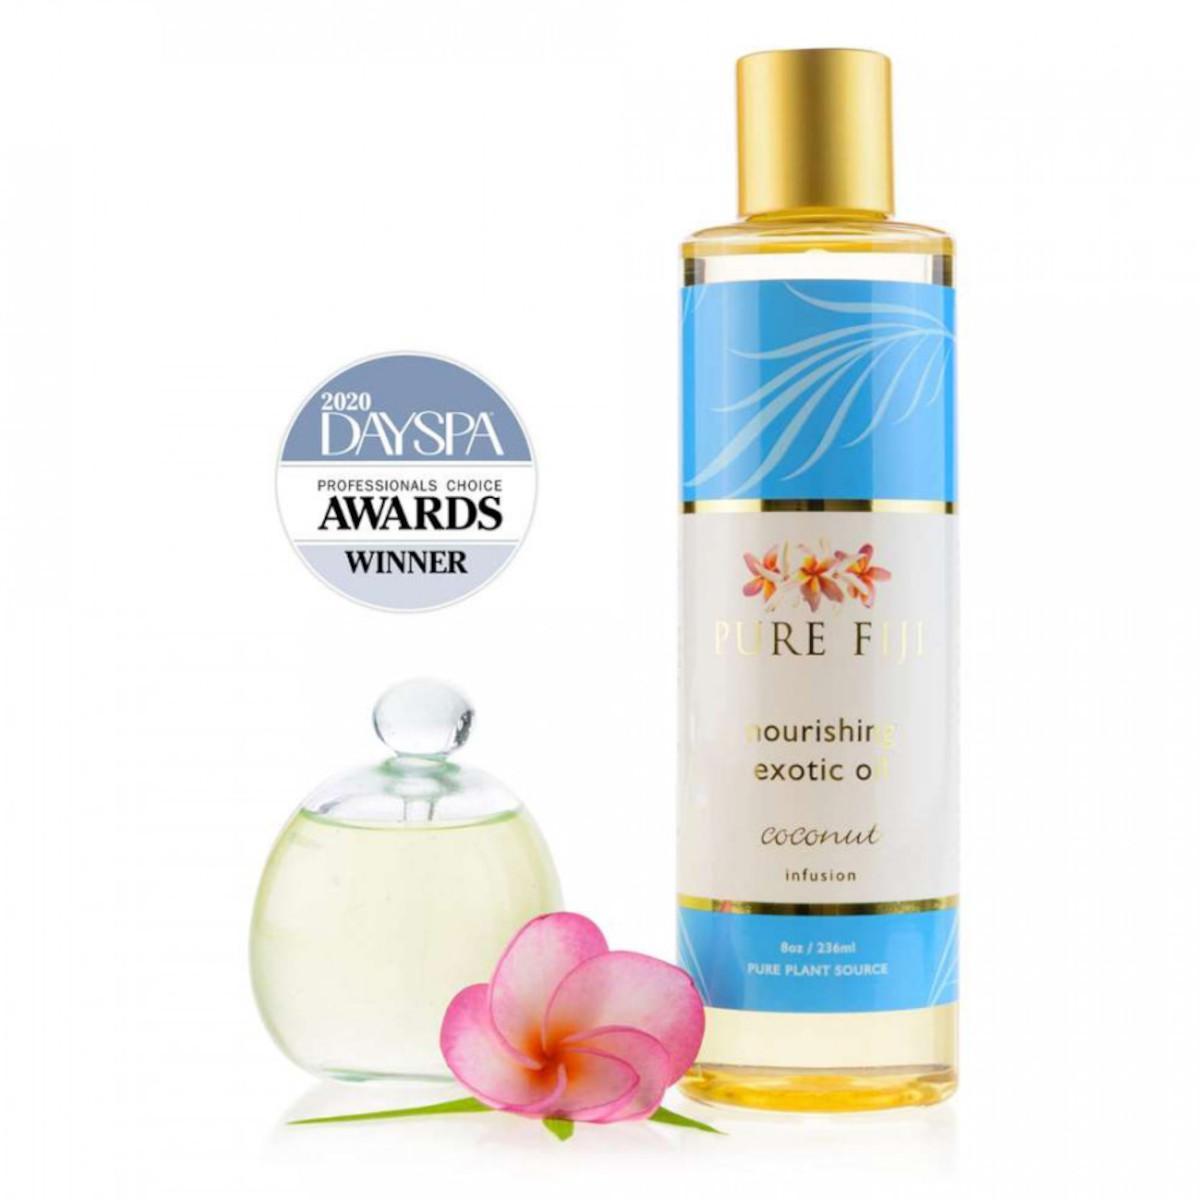 Pure Fiji Exotický masážní a koupelový olej, kokos 236 ml